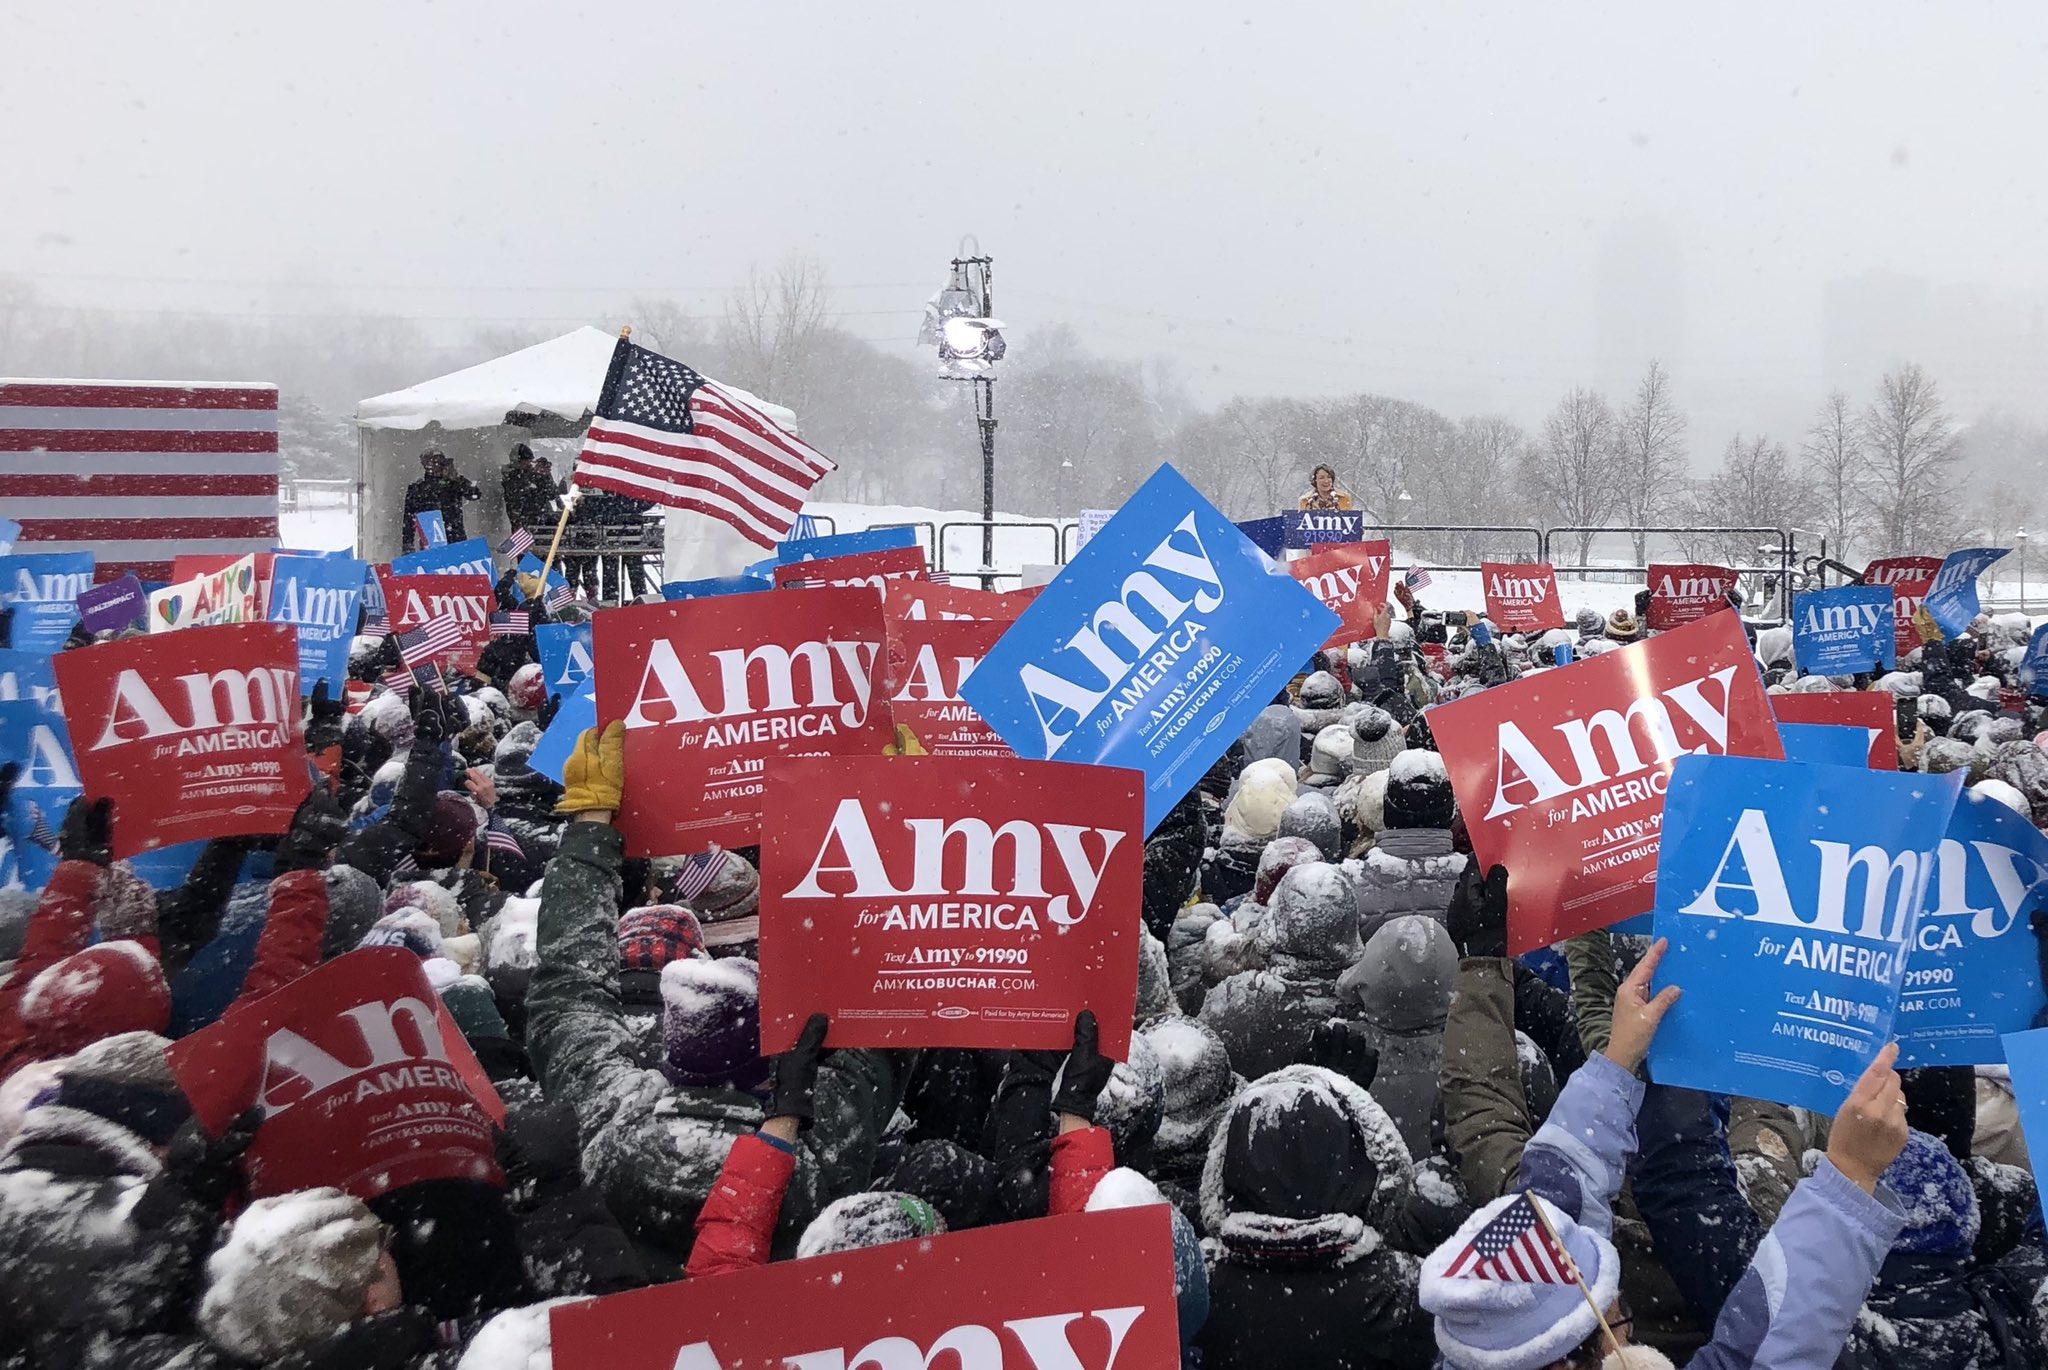 amy rally